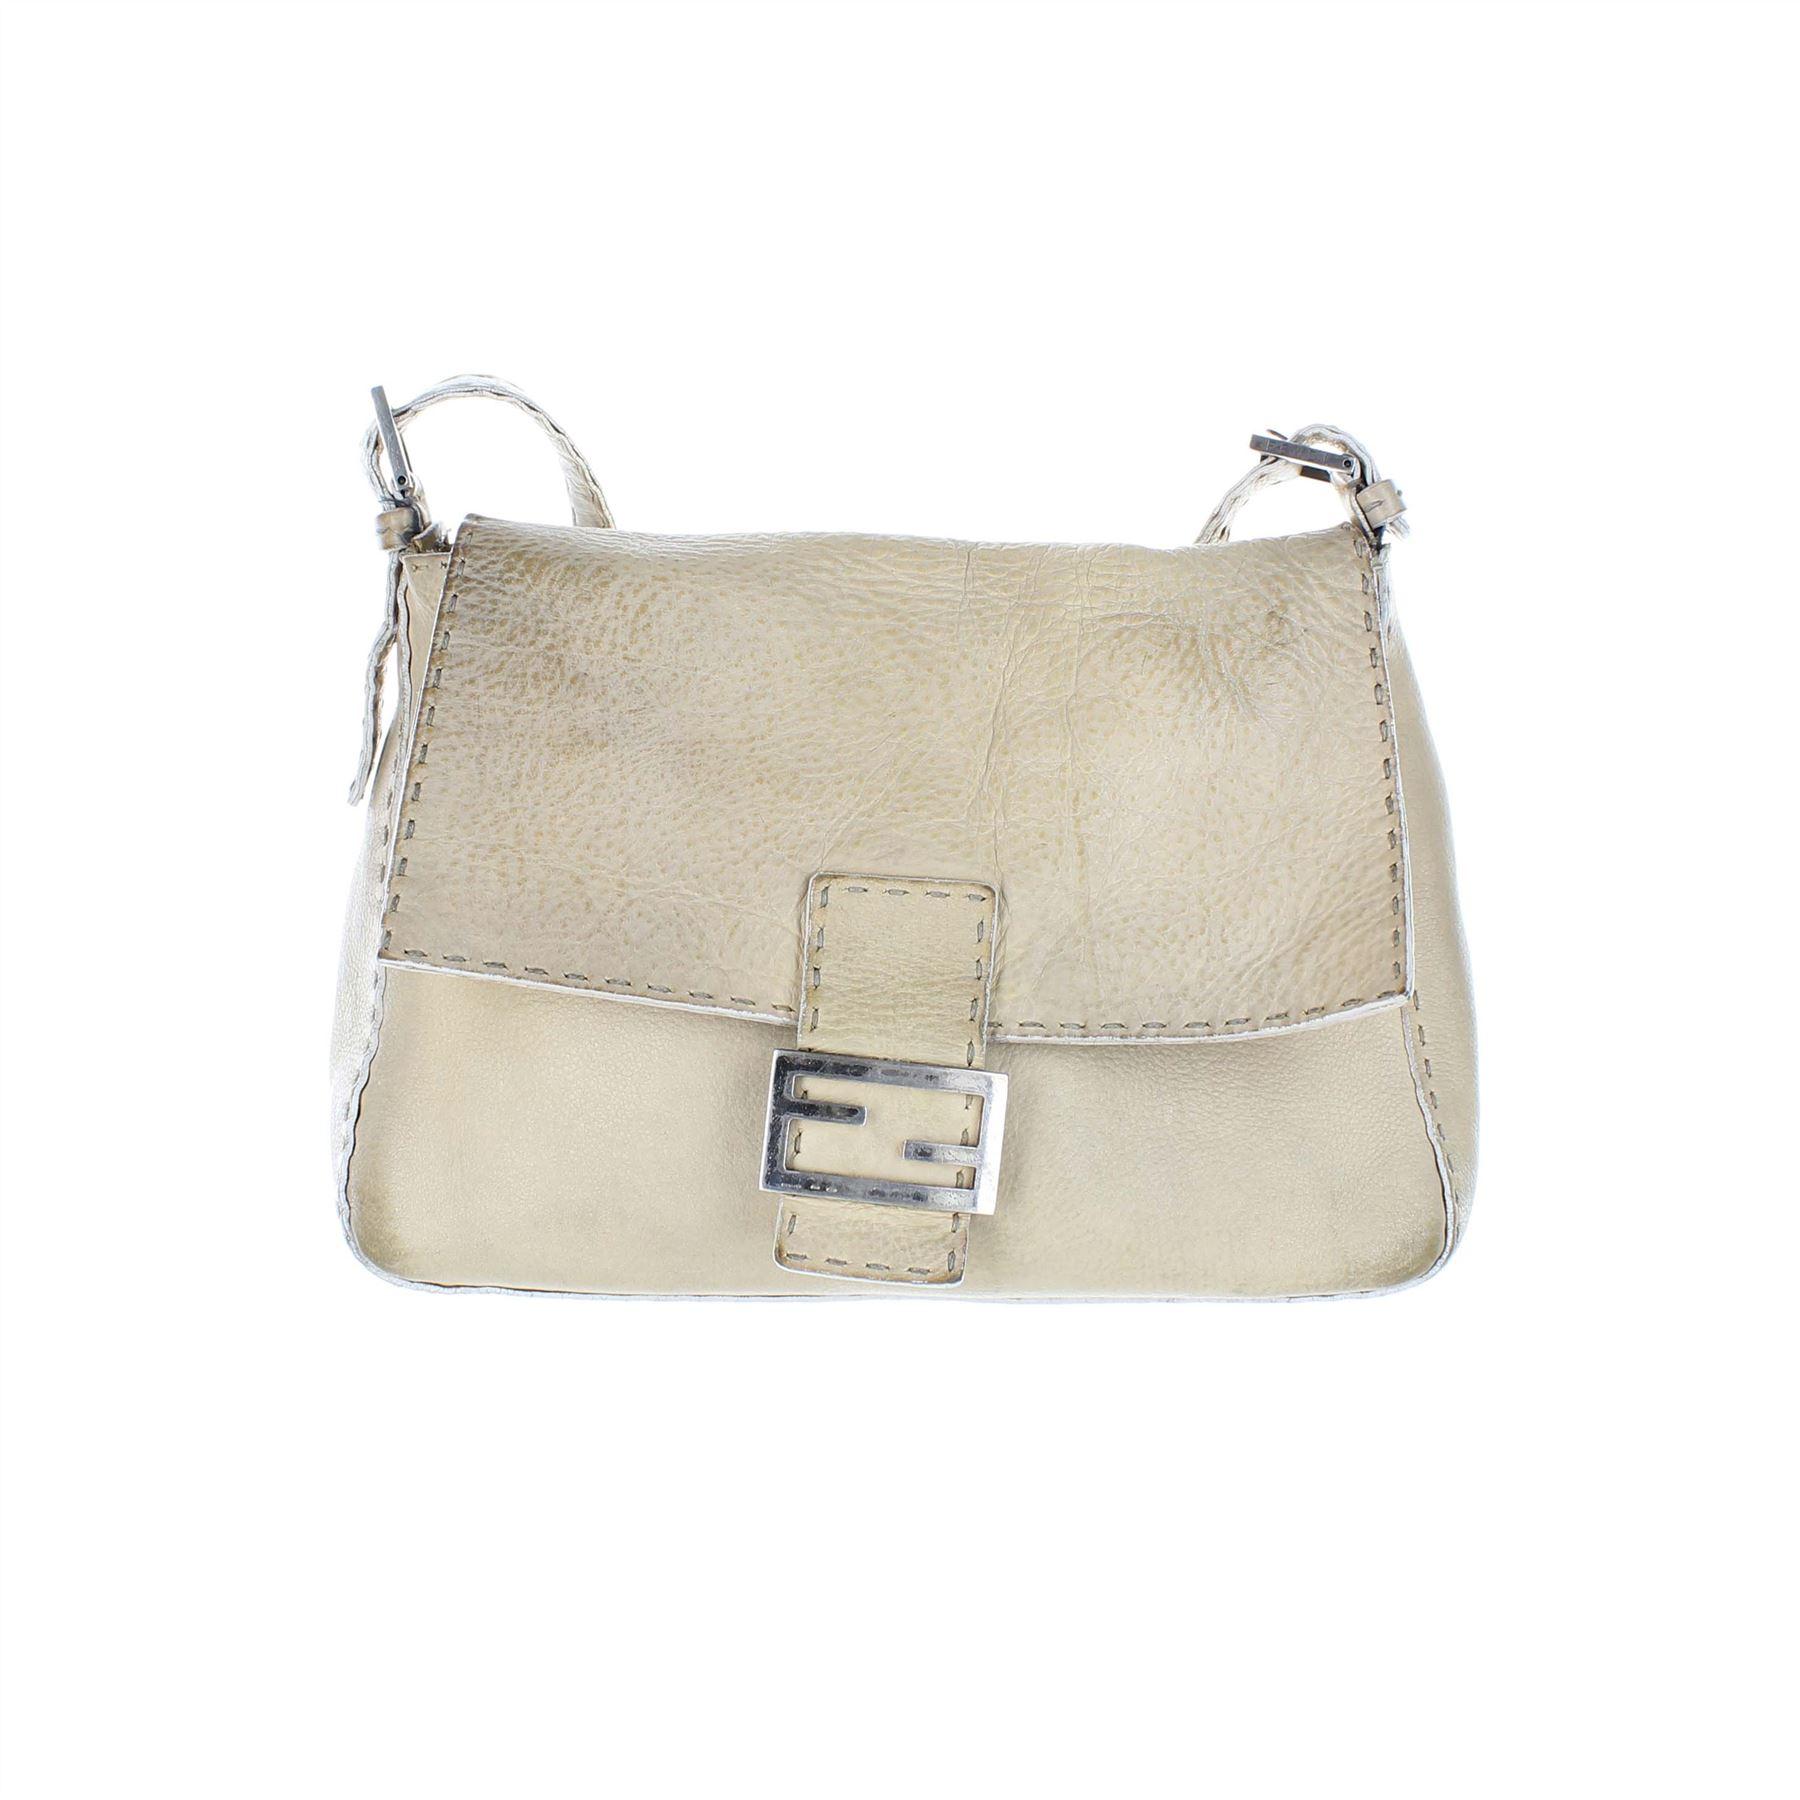 44108bca5246 FENDI Selleria Baguette Leather Shoulder Bag